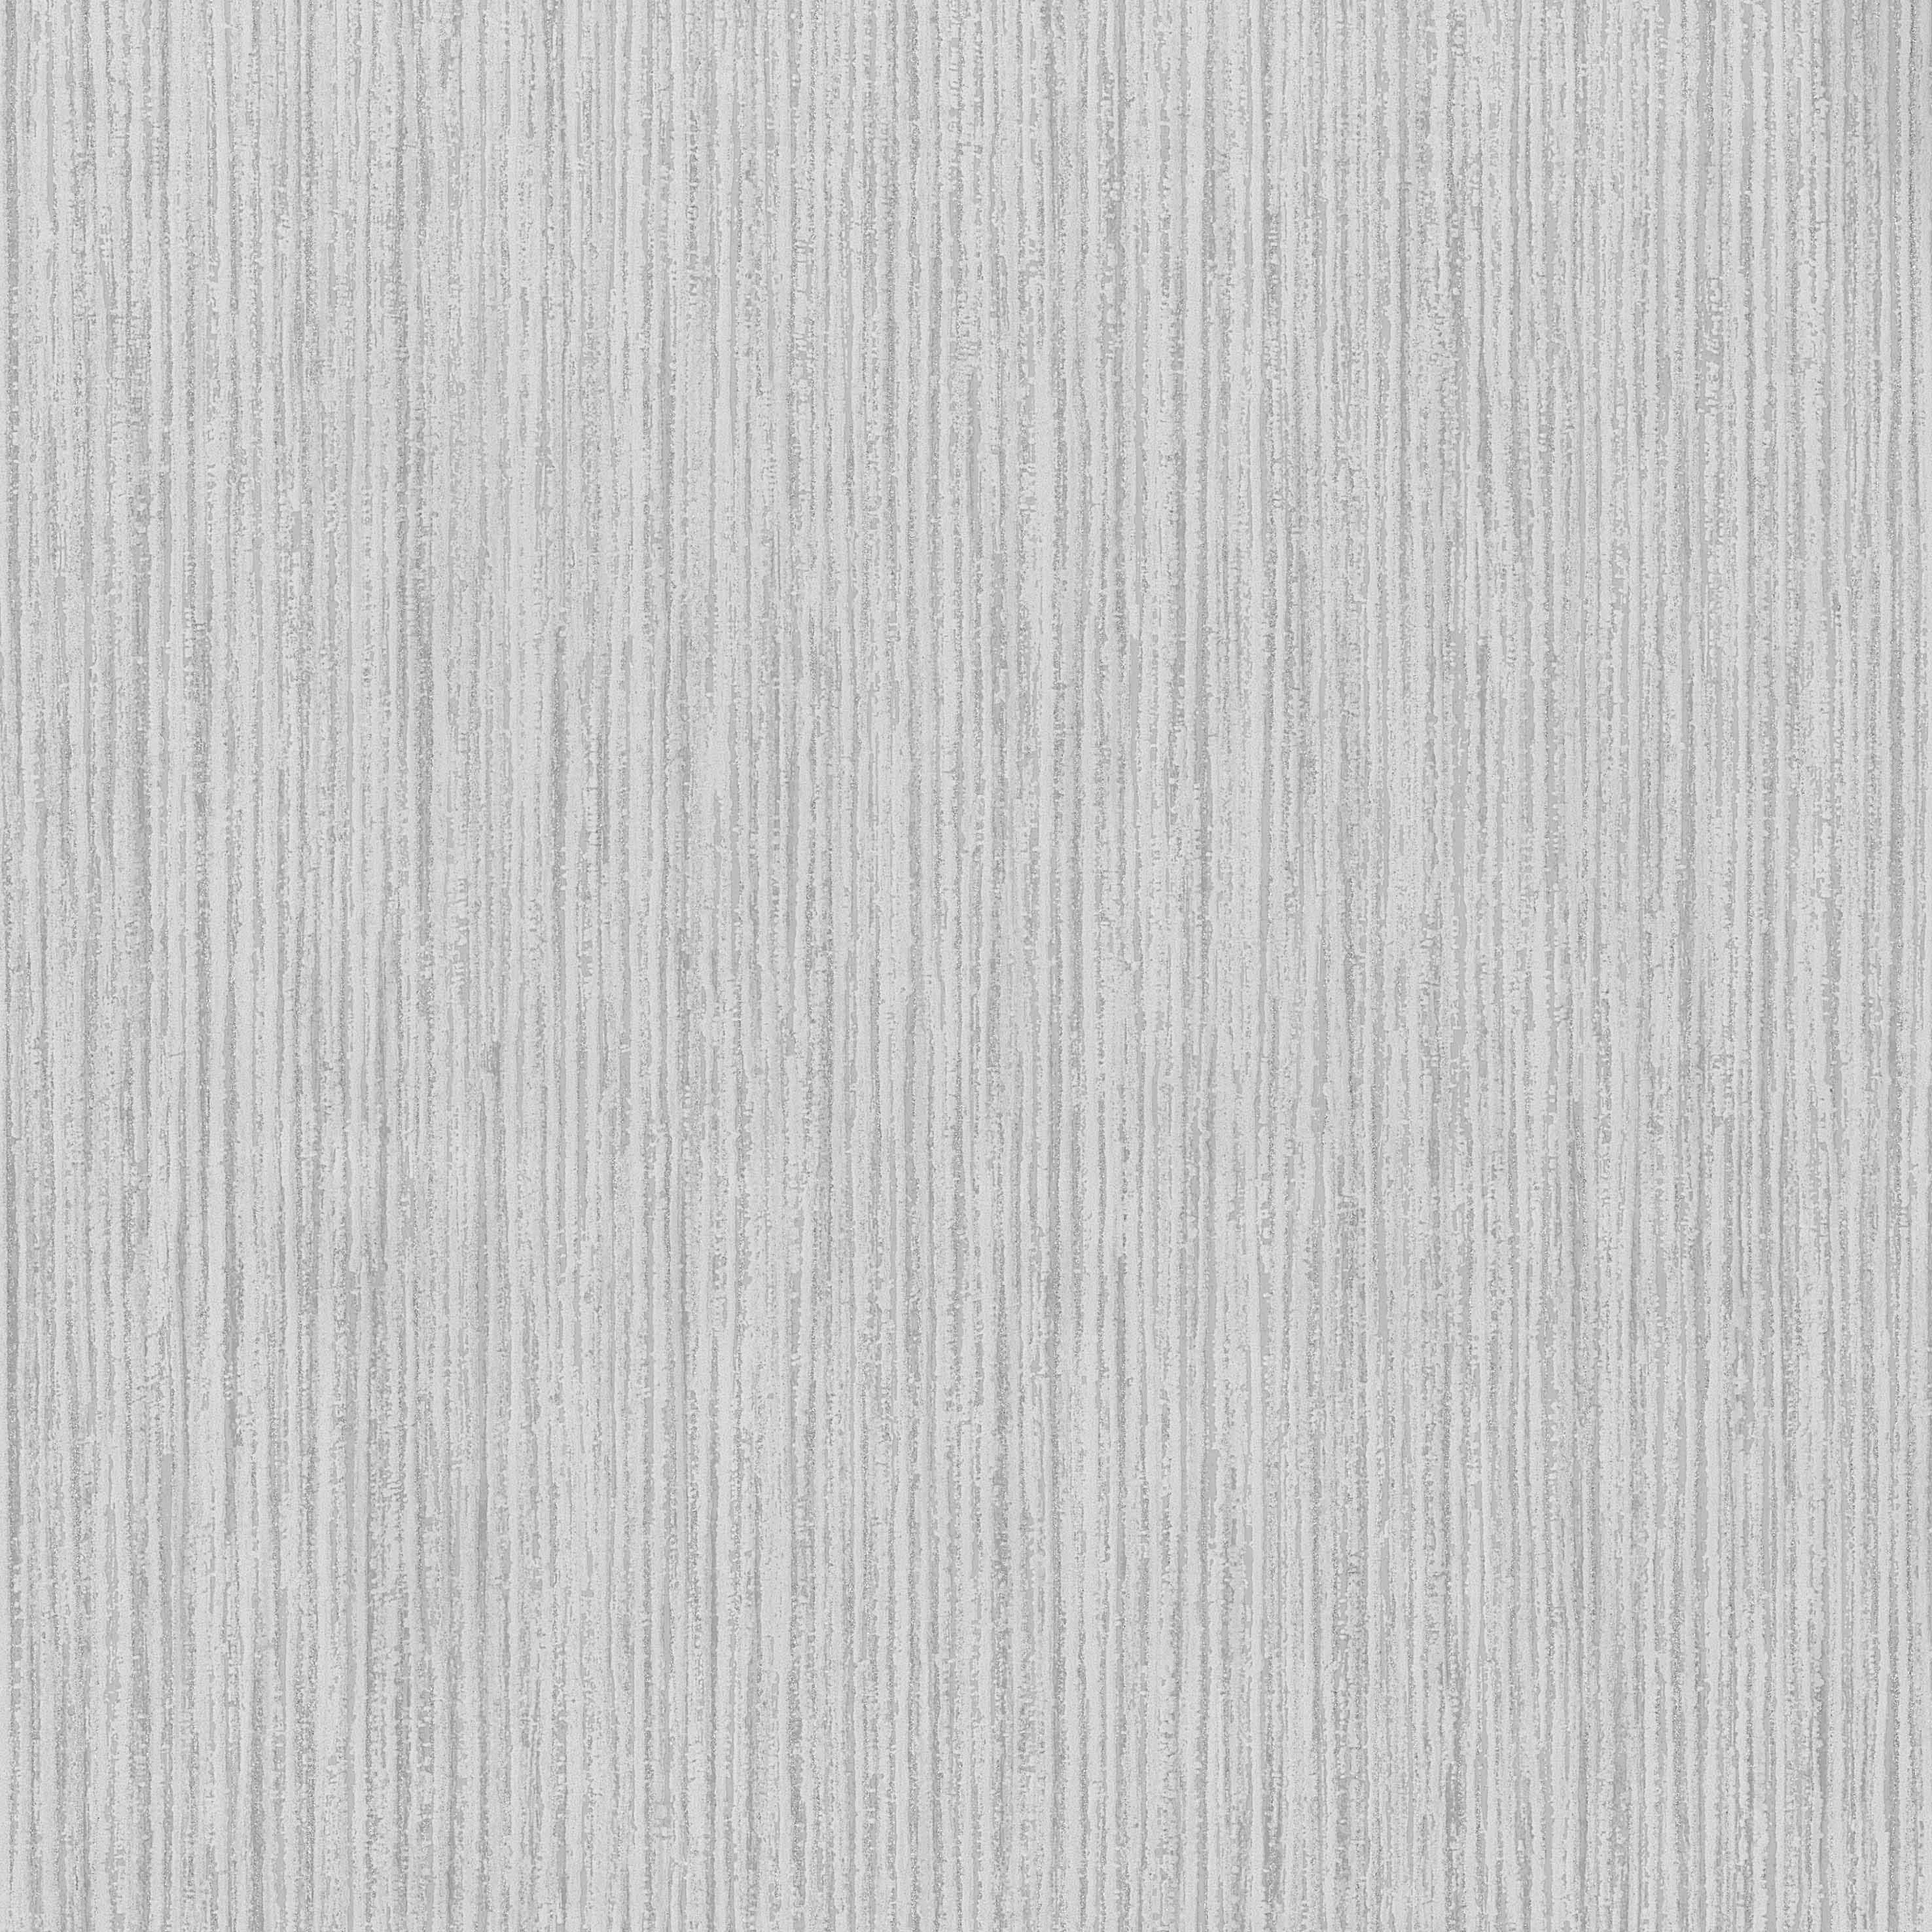 Grey Textured Wallpaper Silver birch texture grey 2952x2952